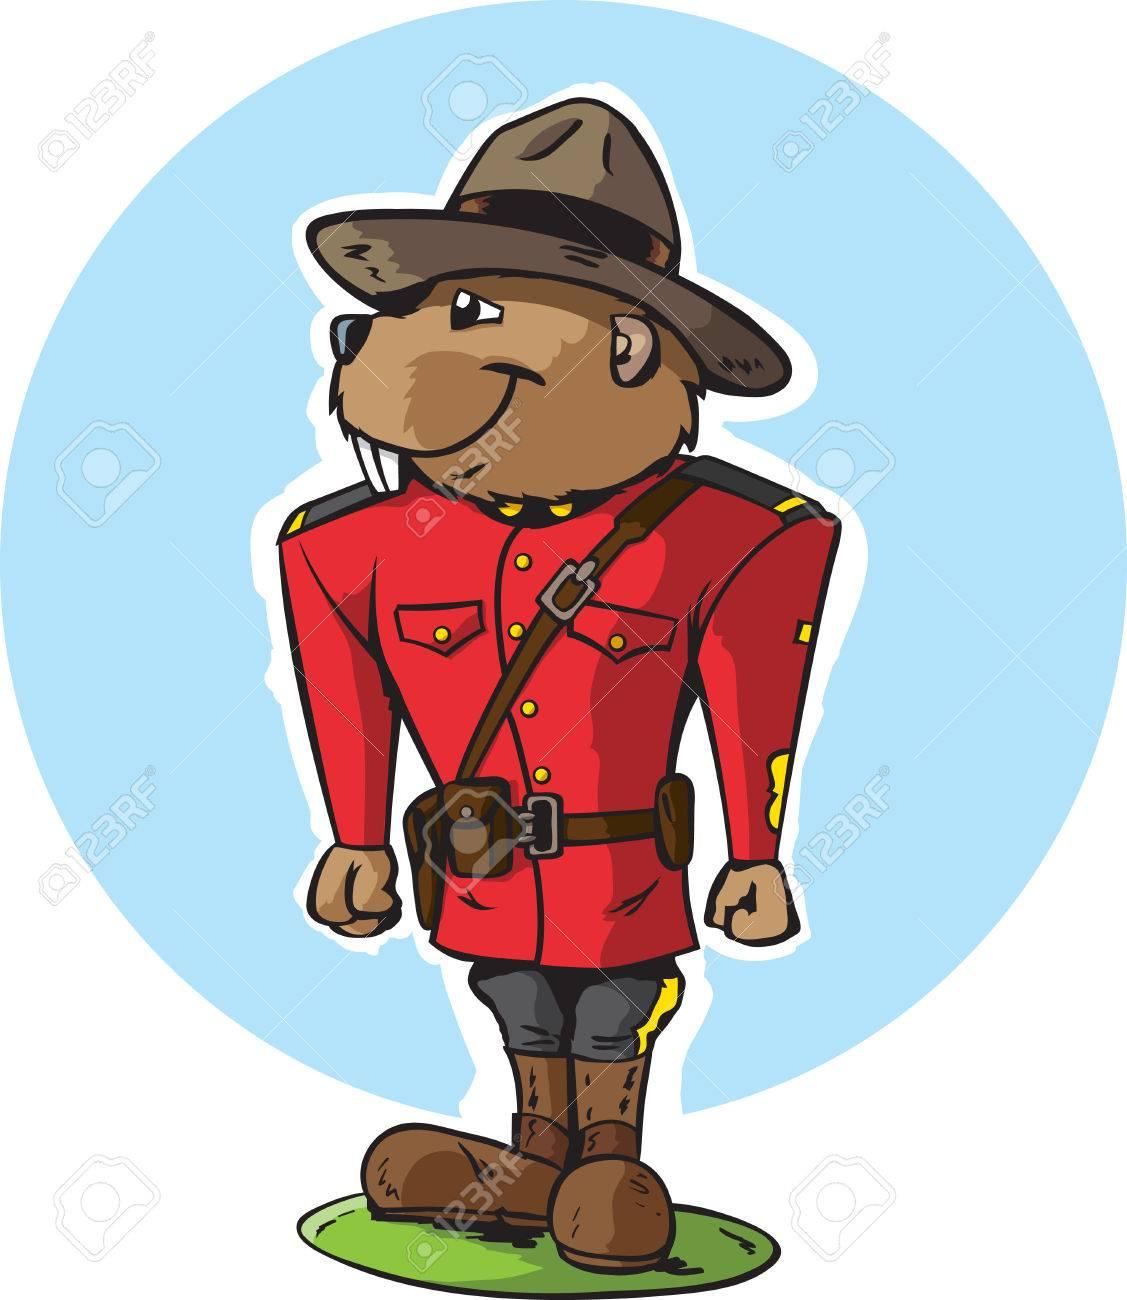 Beaver Mountie - 24546298